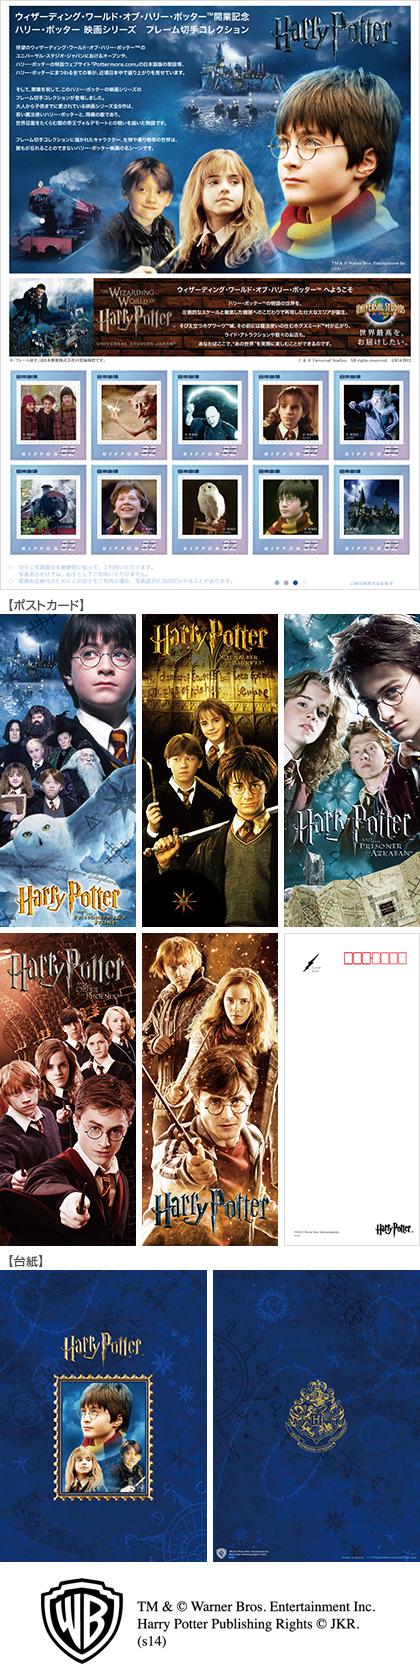 Harry Potter BlogHogwarts Estampillas Japon